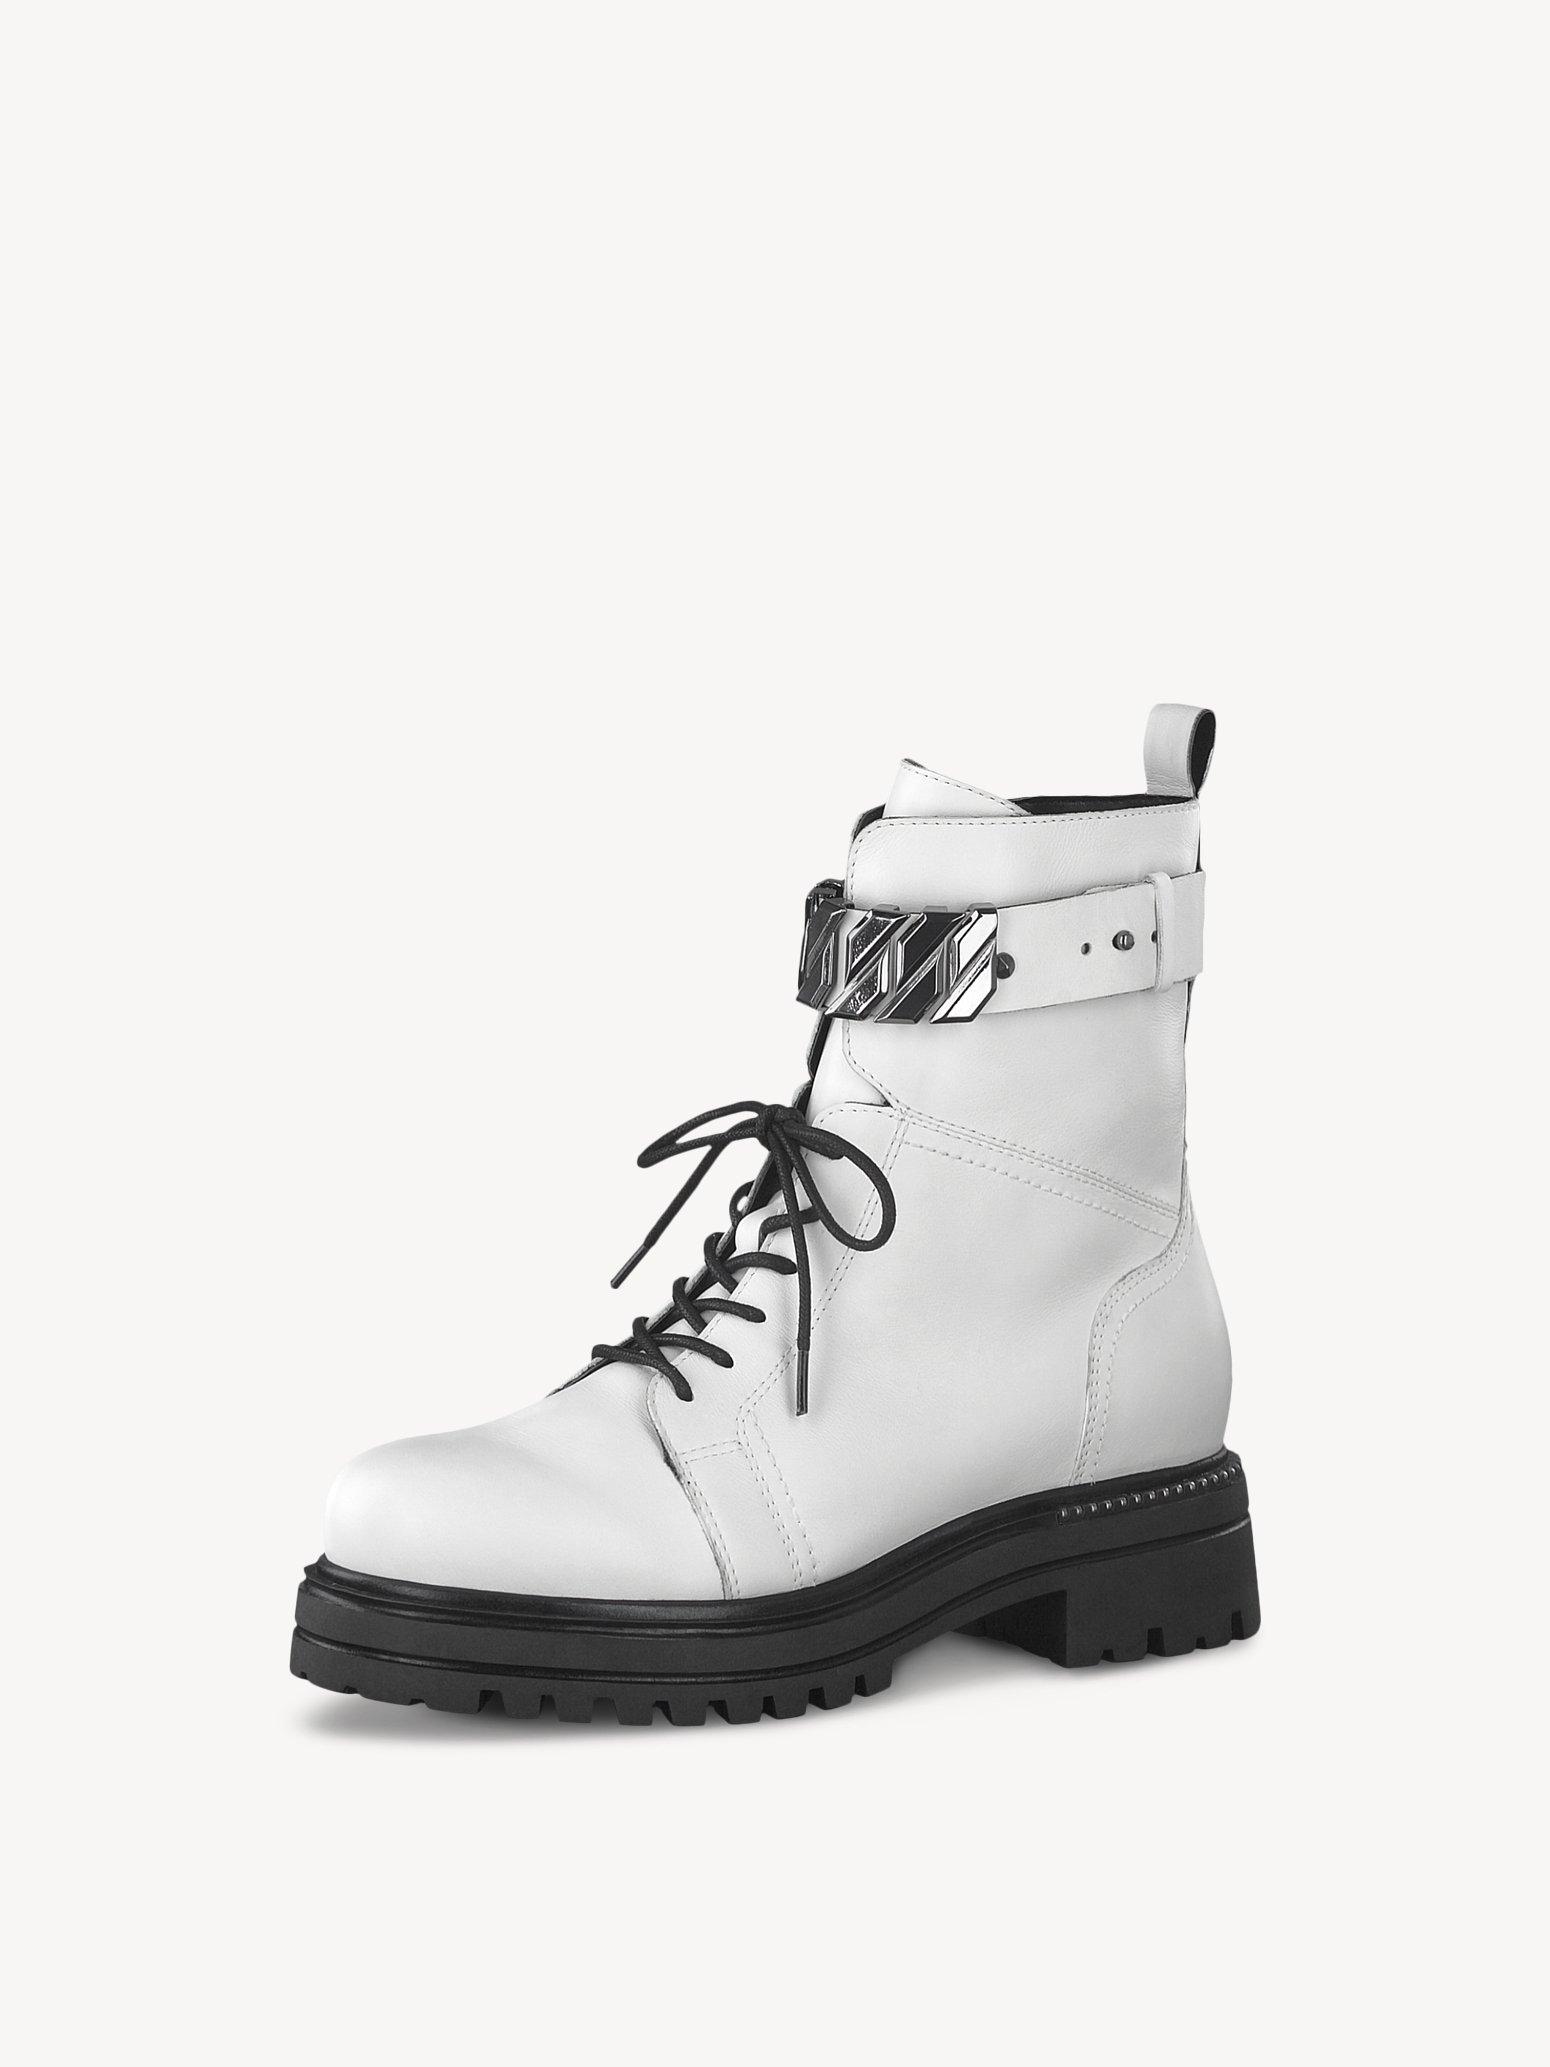 Ботинки Tamaris 1-1-26231-25-100 фотография